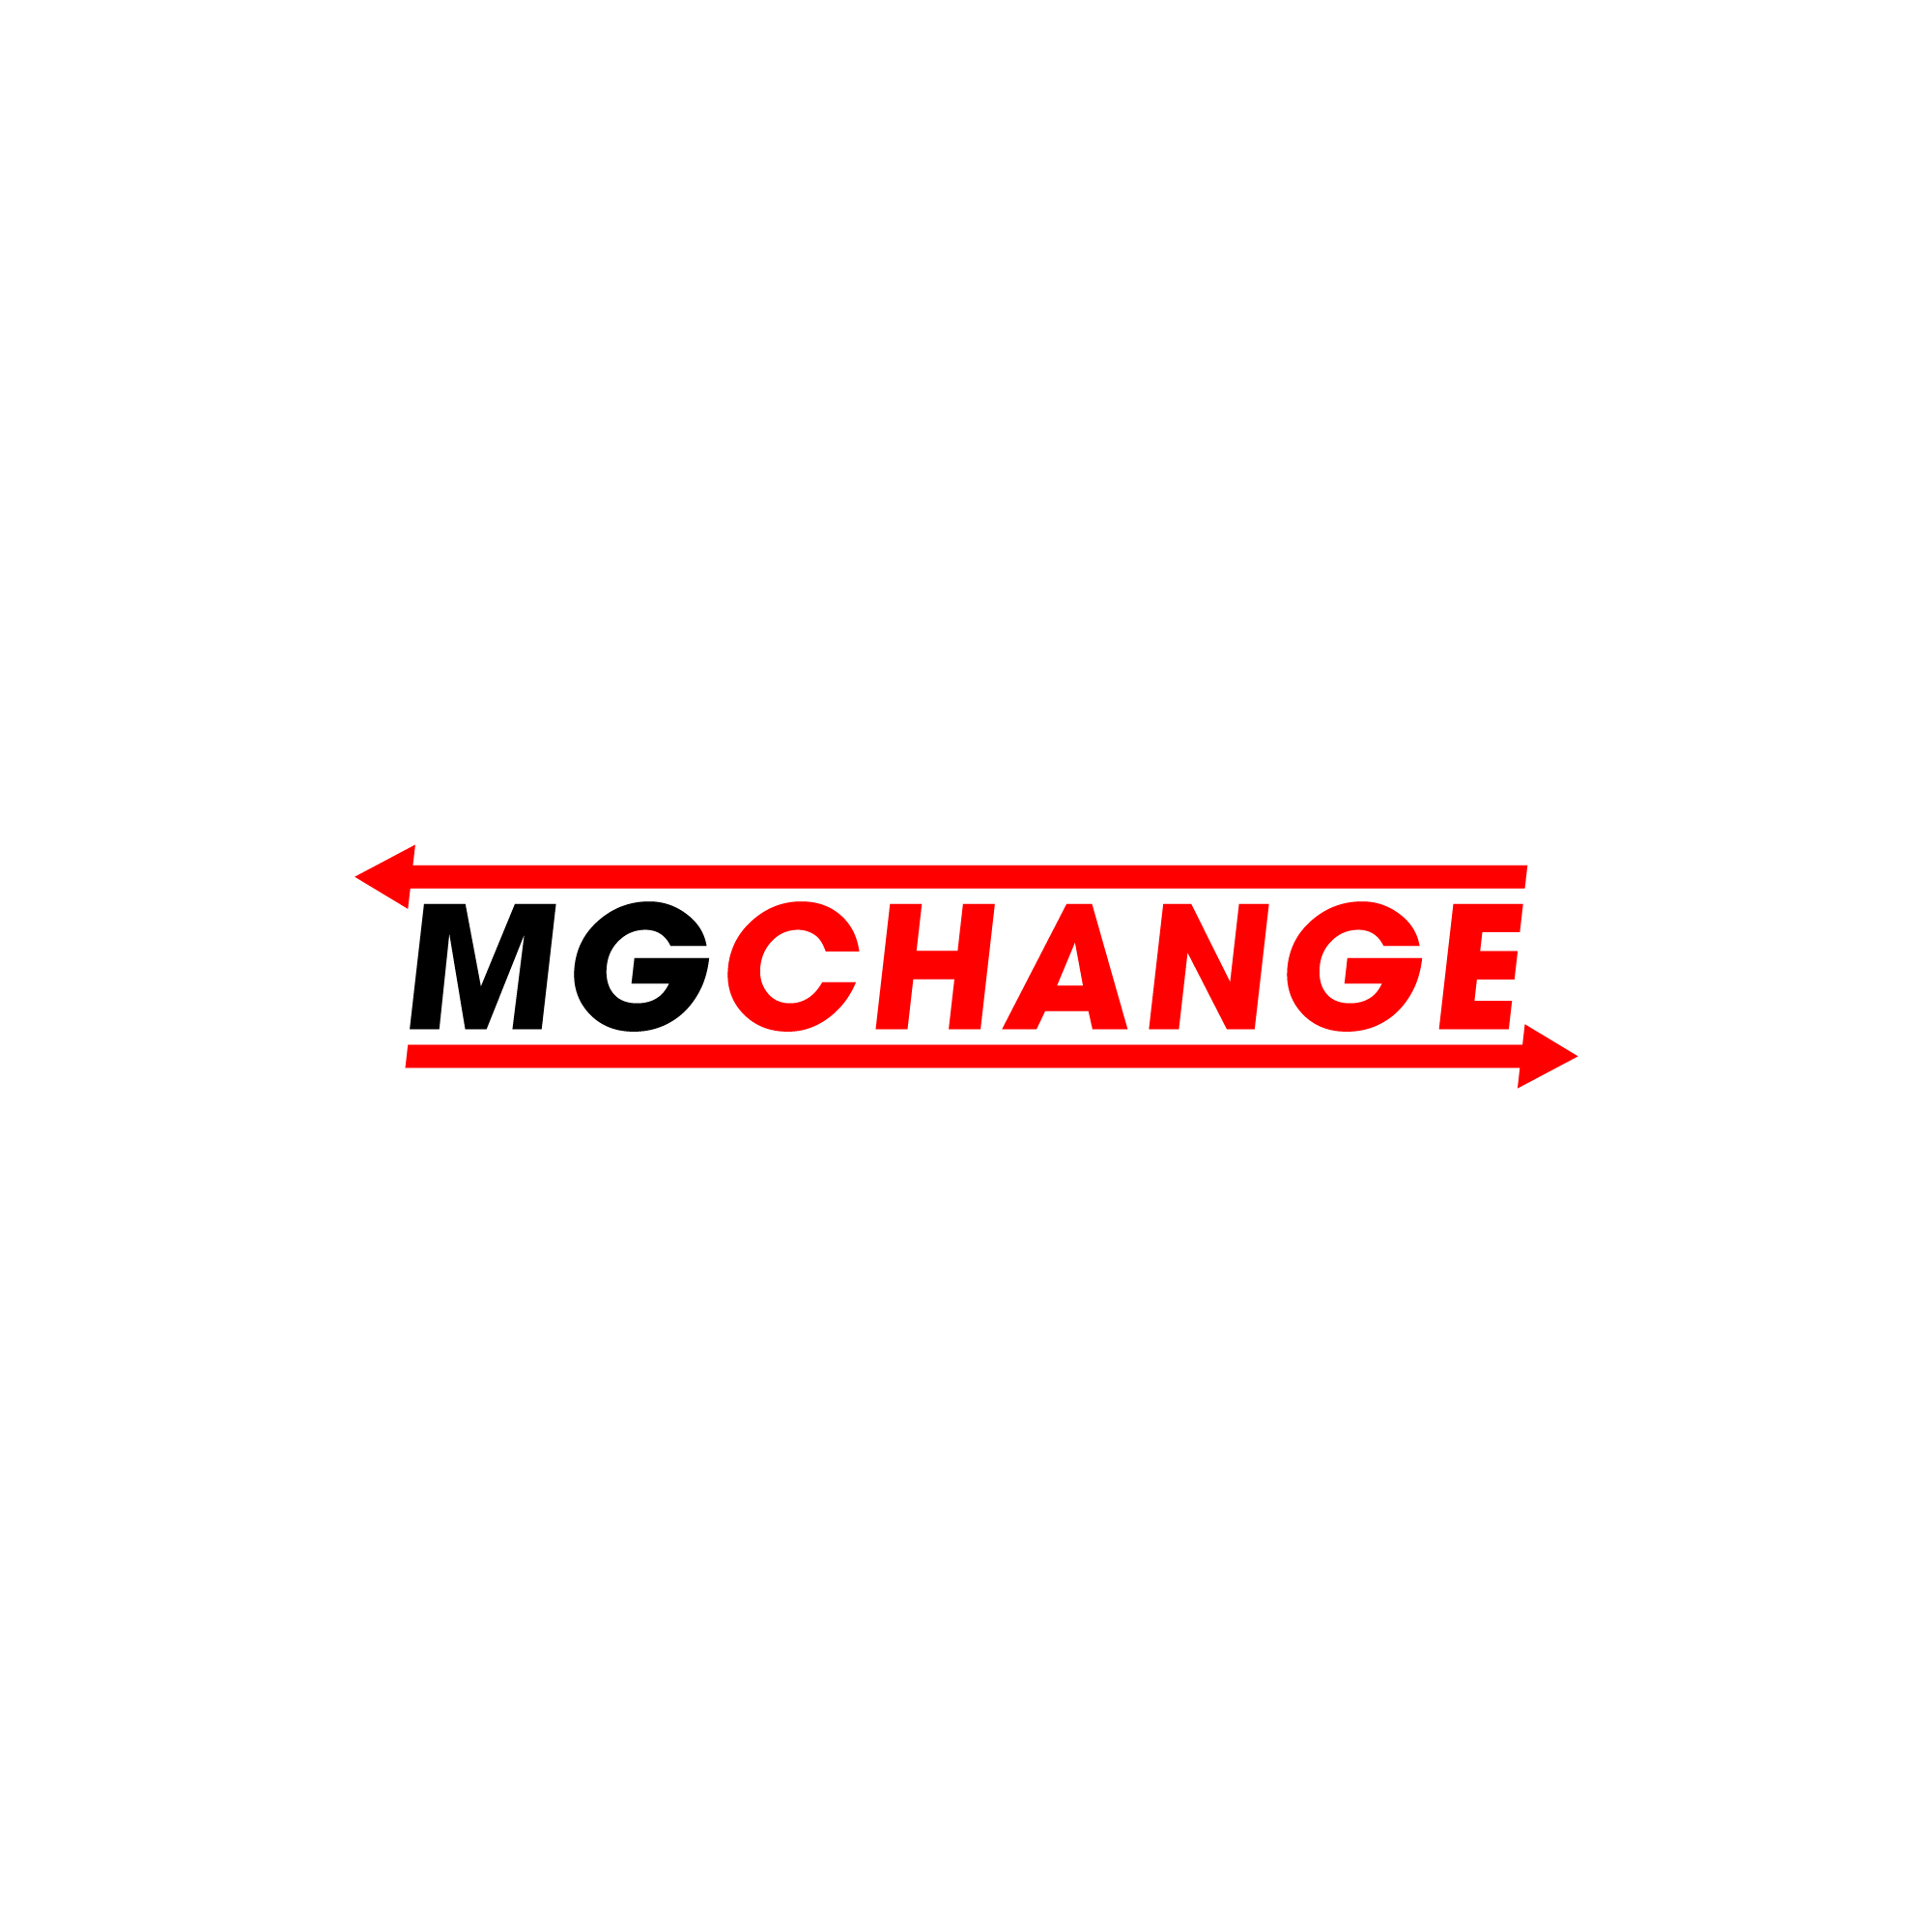 Разработка логотипа  фото f_2125a80412a3f9cb.jpg